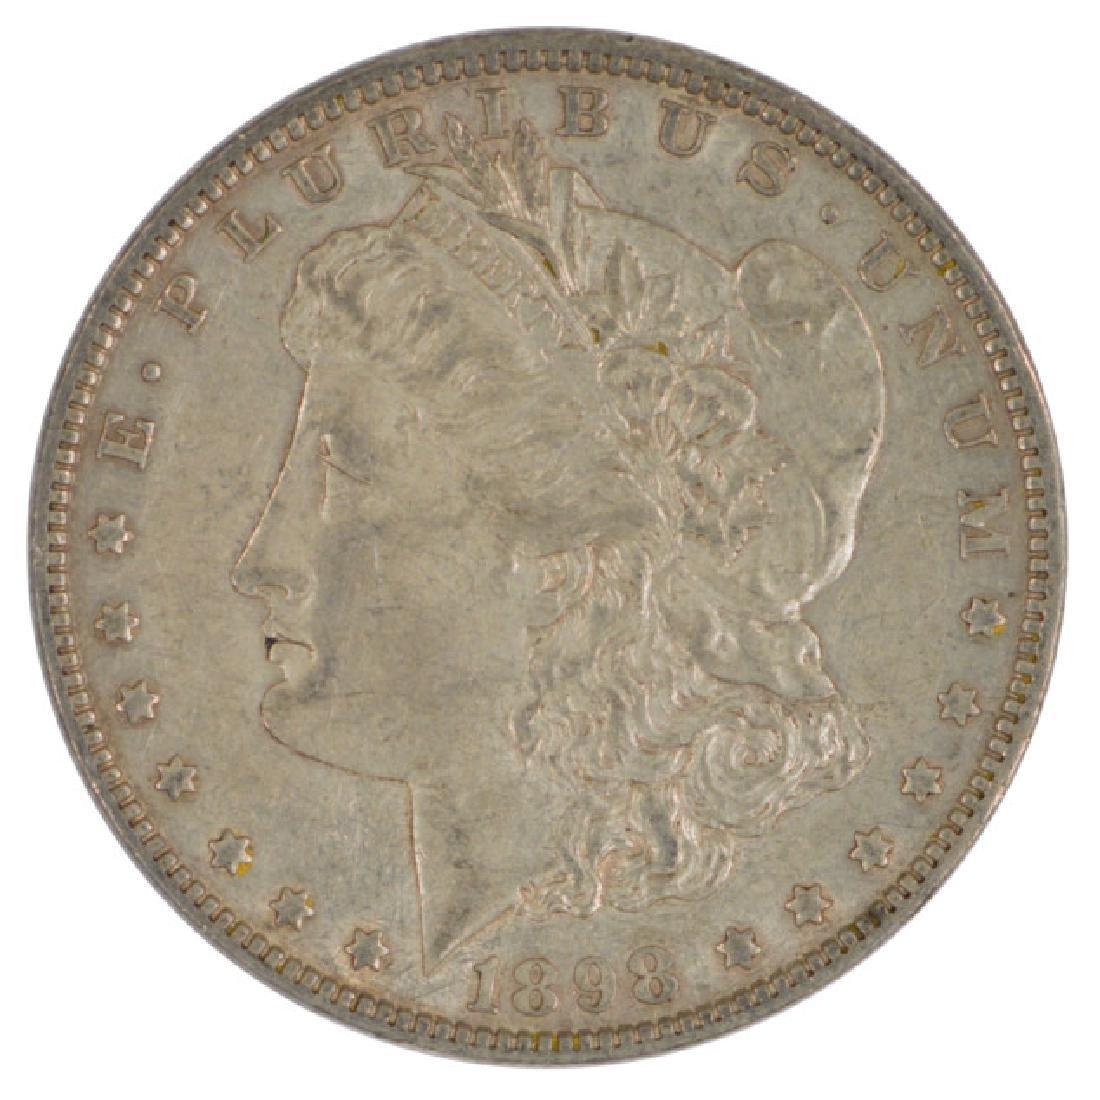 1898 $1 Morgan Silver Dollar Coin